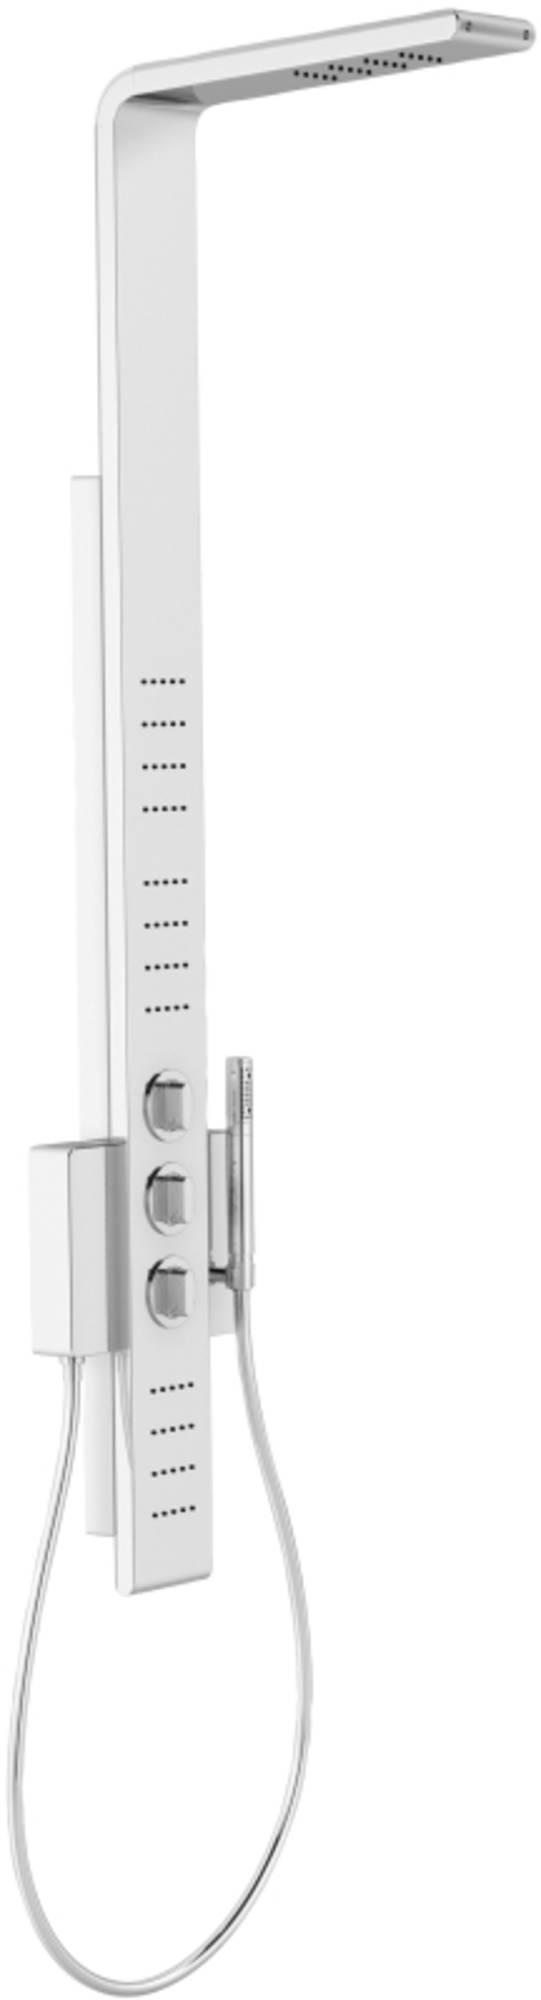 IDEAL STANDARD MOMENTS douchepaneel met 5 functies CHROOM (K6190AA)